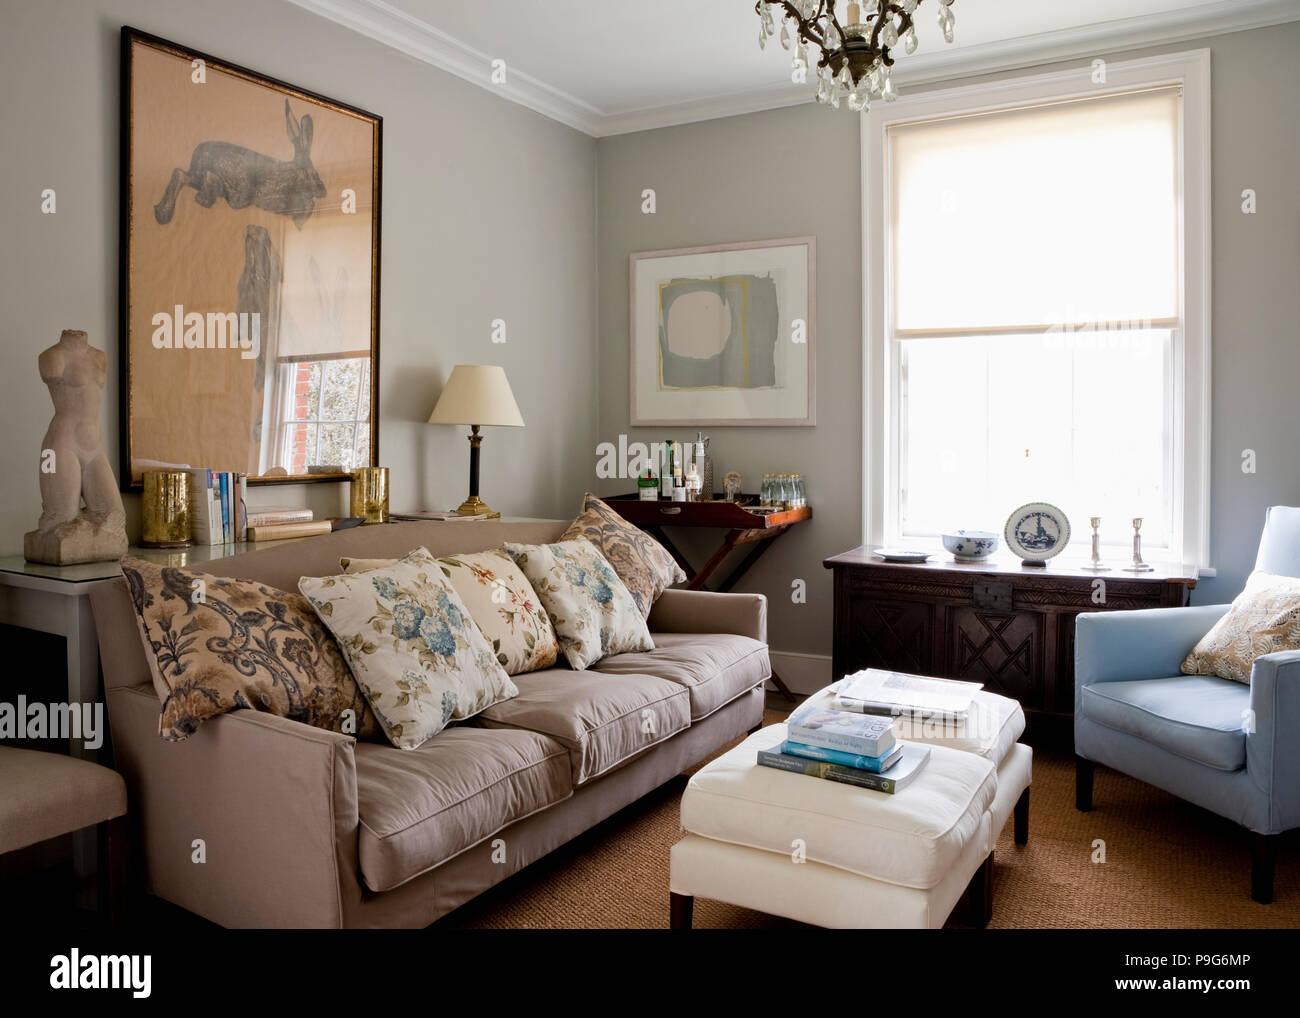 Florale Bettwasche Kissen Beige Sofa In Hellem Grau